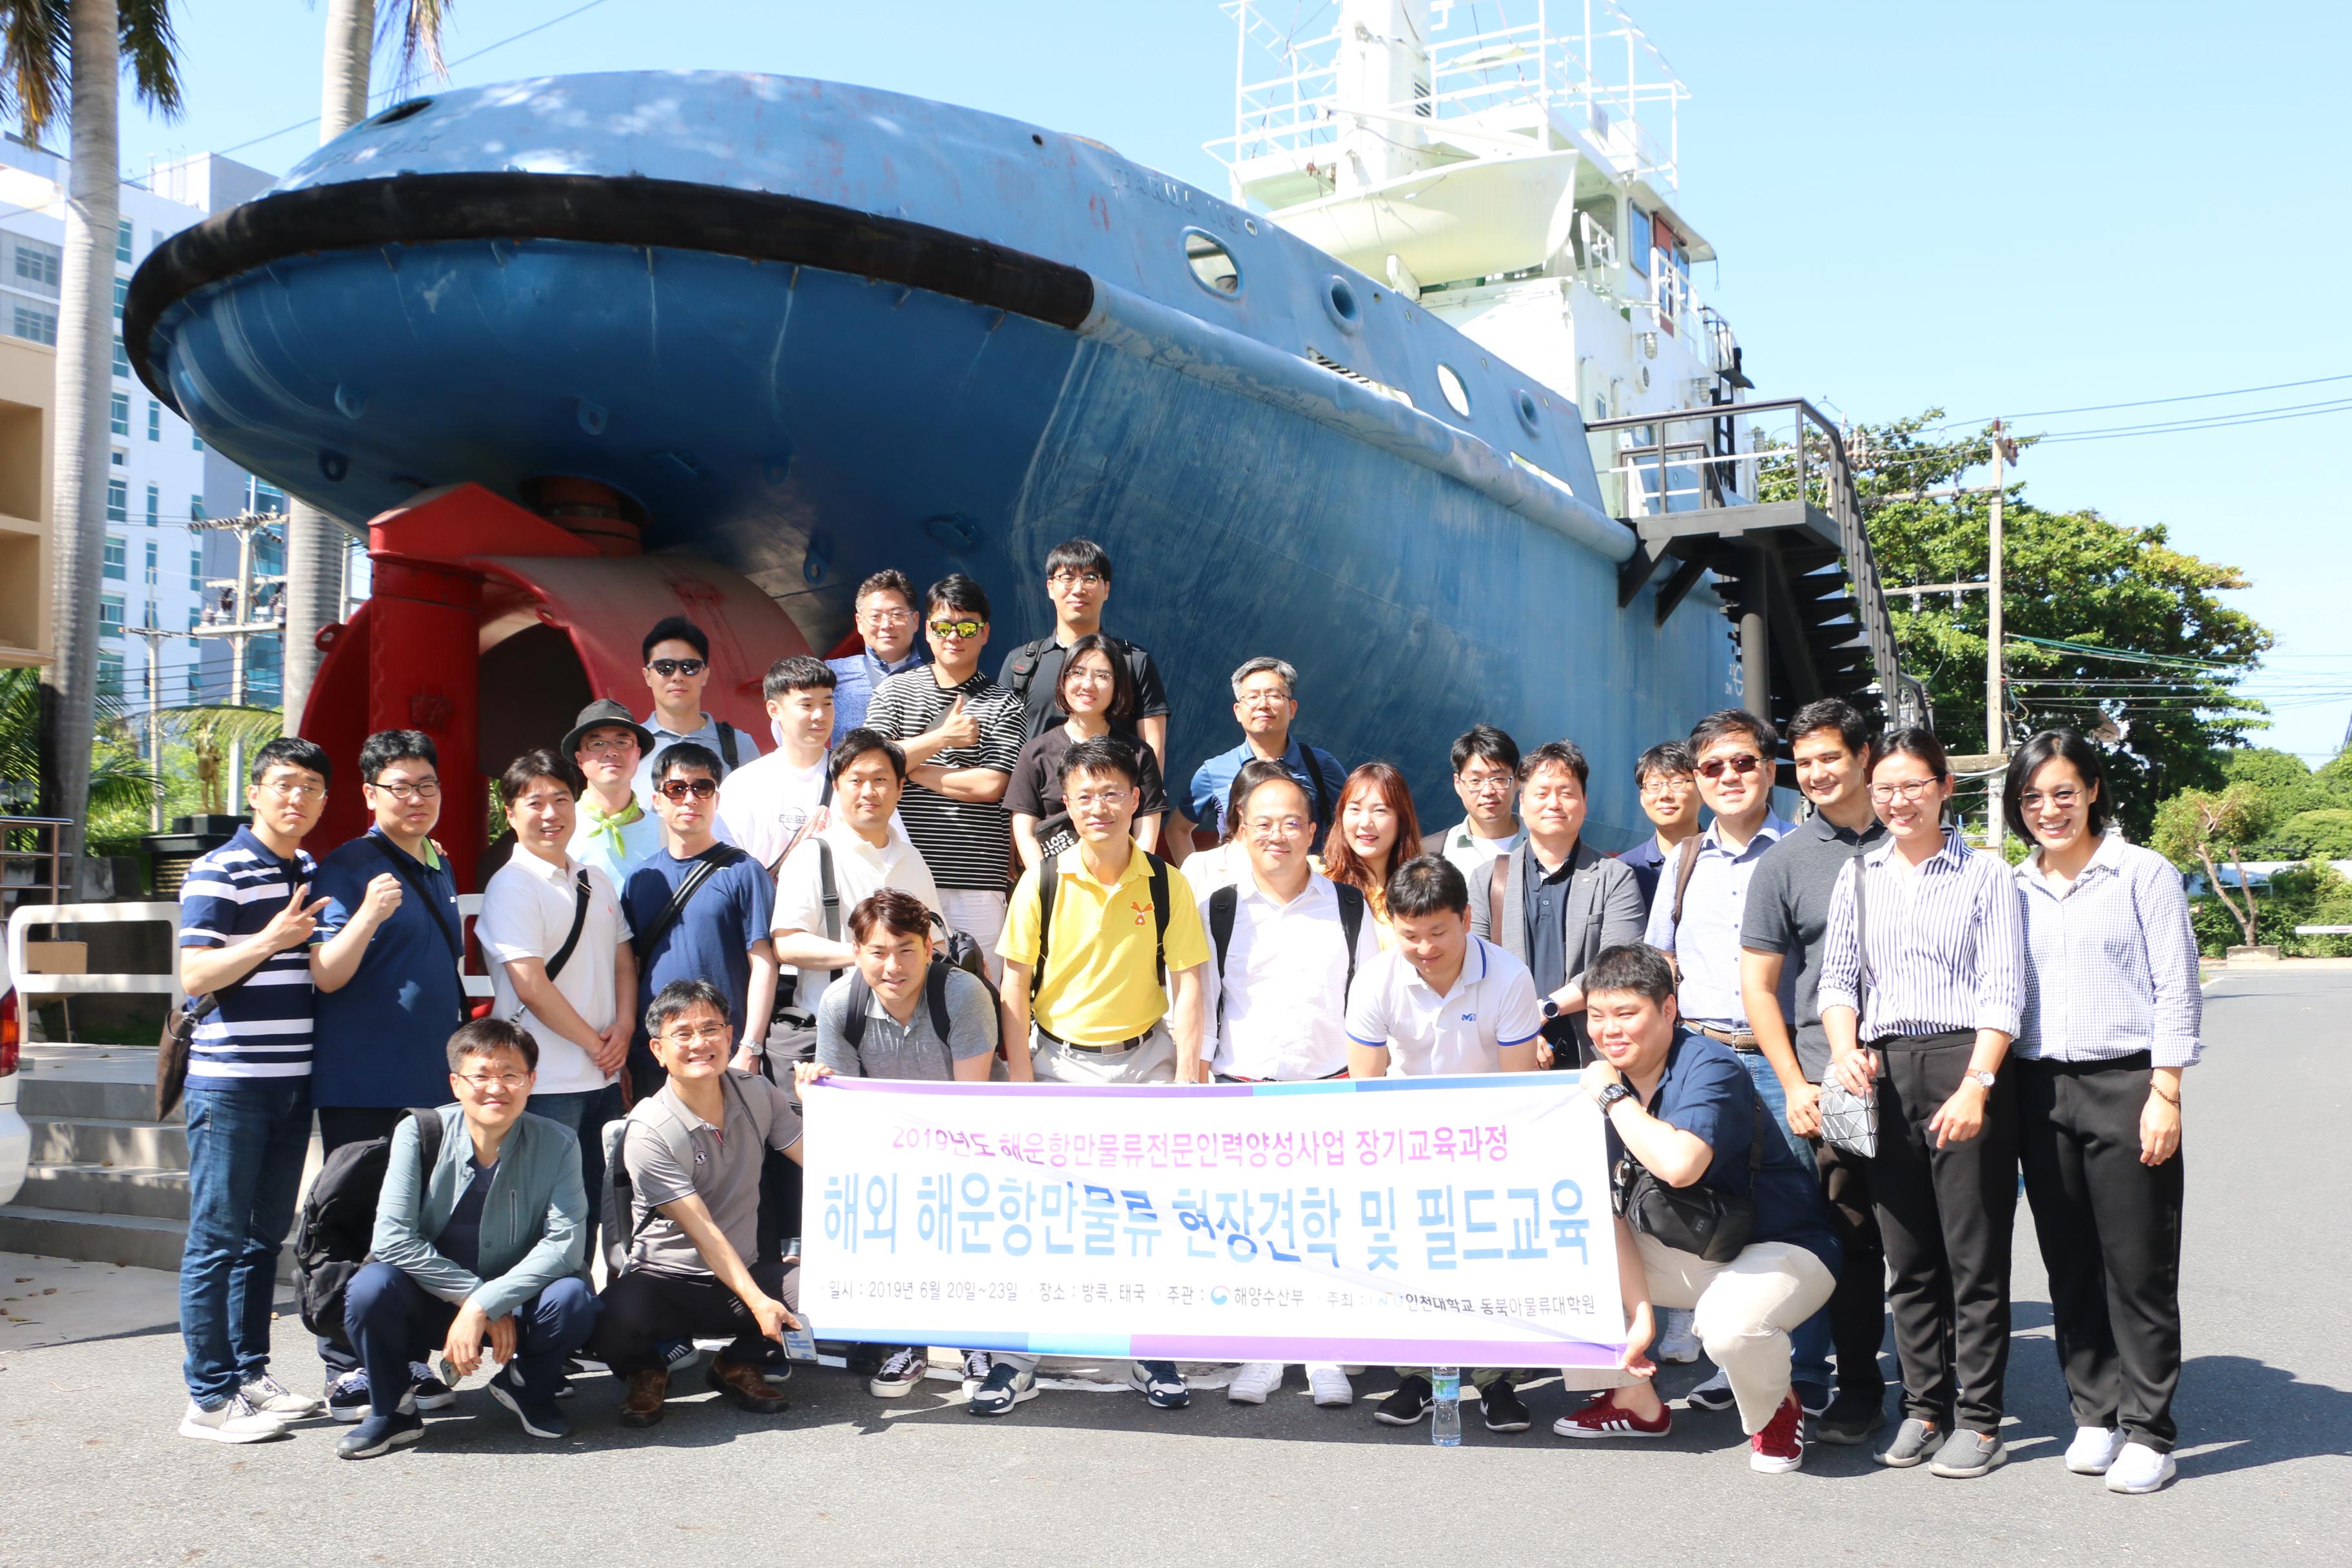 ต้อนรับศึกษาดูงาน Incheon National University